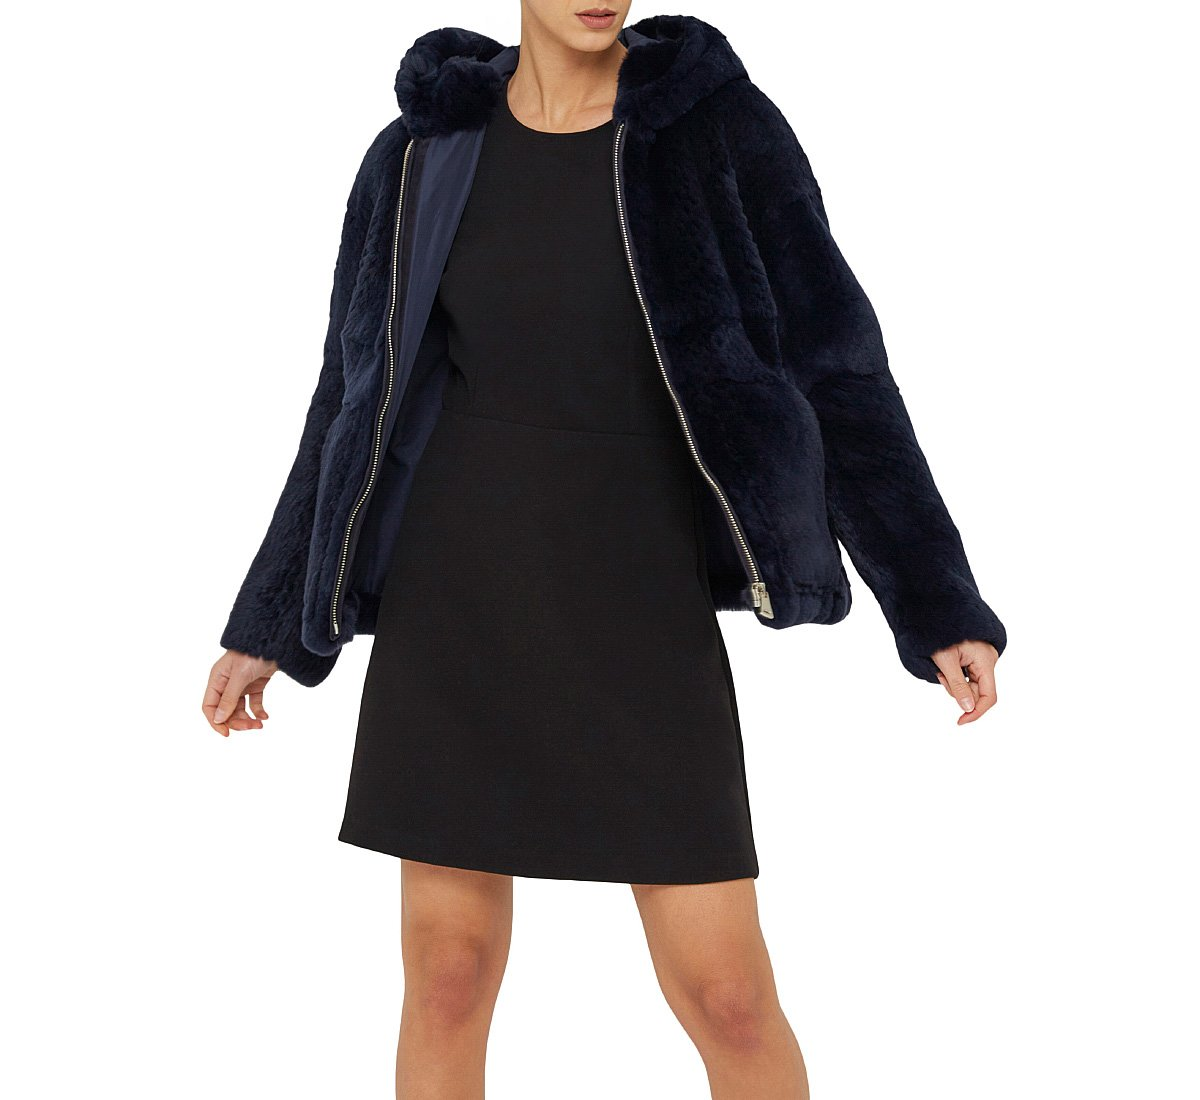 Genuine fur coat with hood